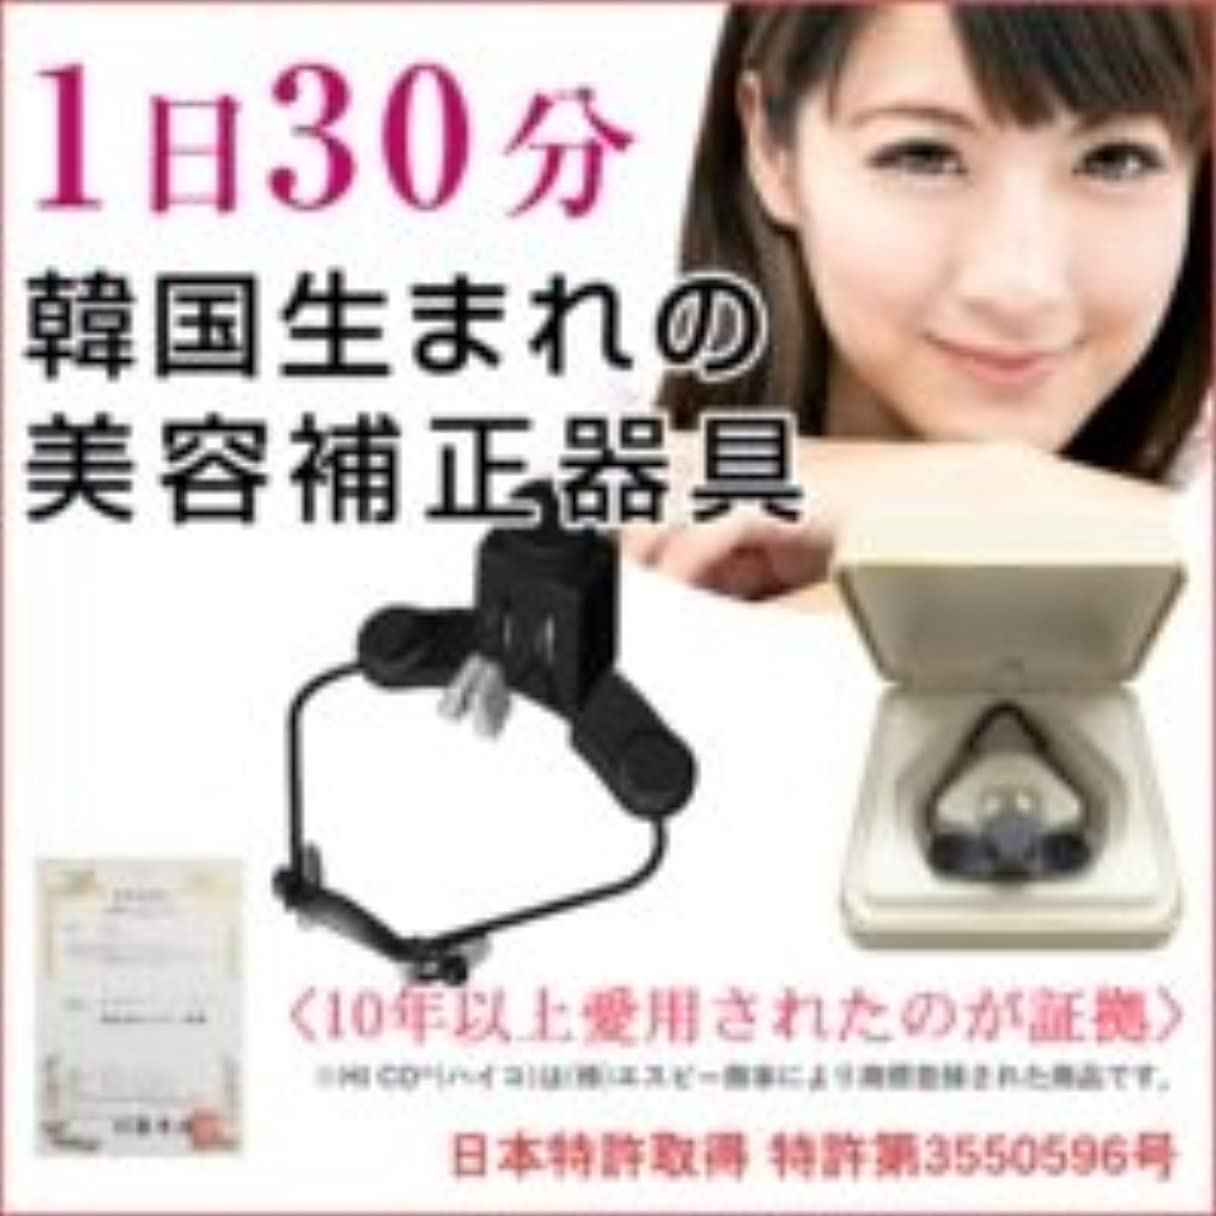 上に築きます作業影響力のあるハイコ (HICO) 美鼻補整器具